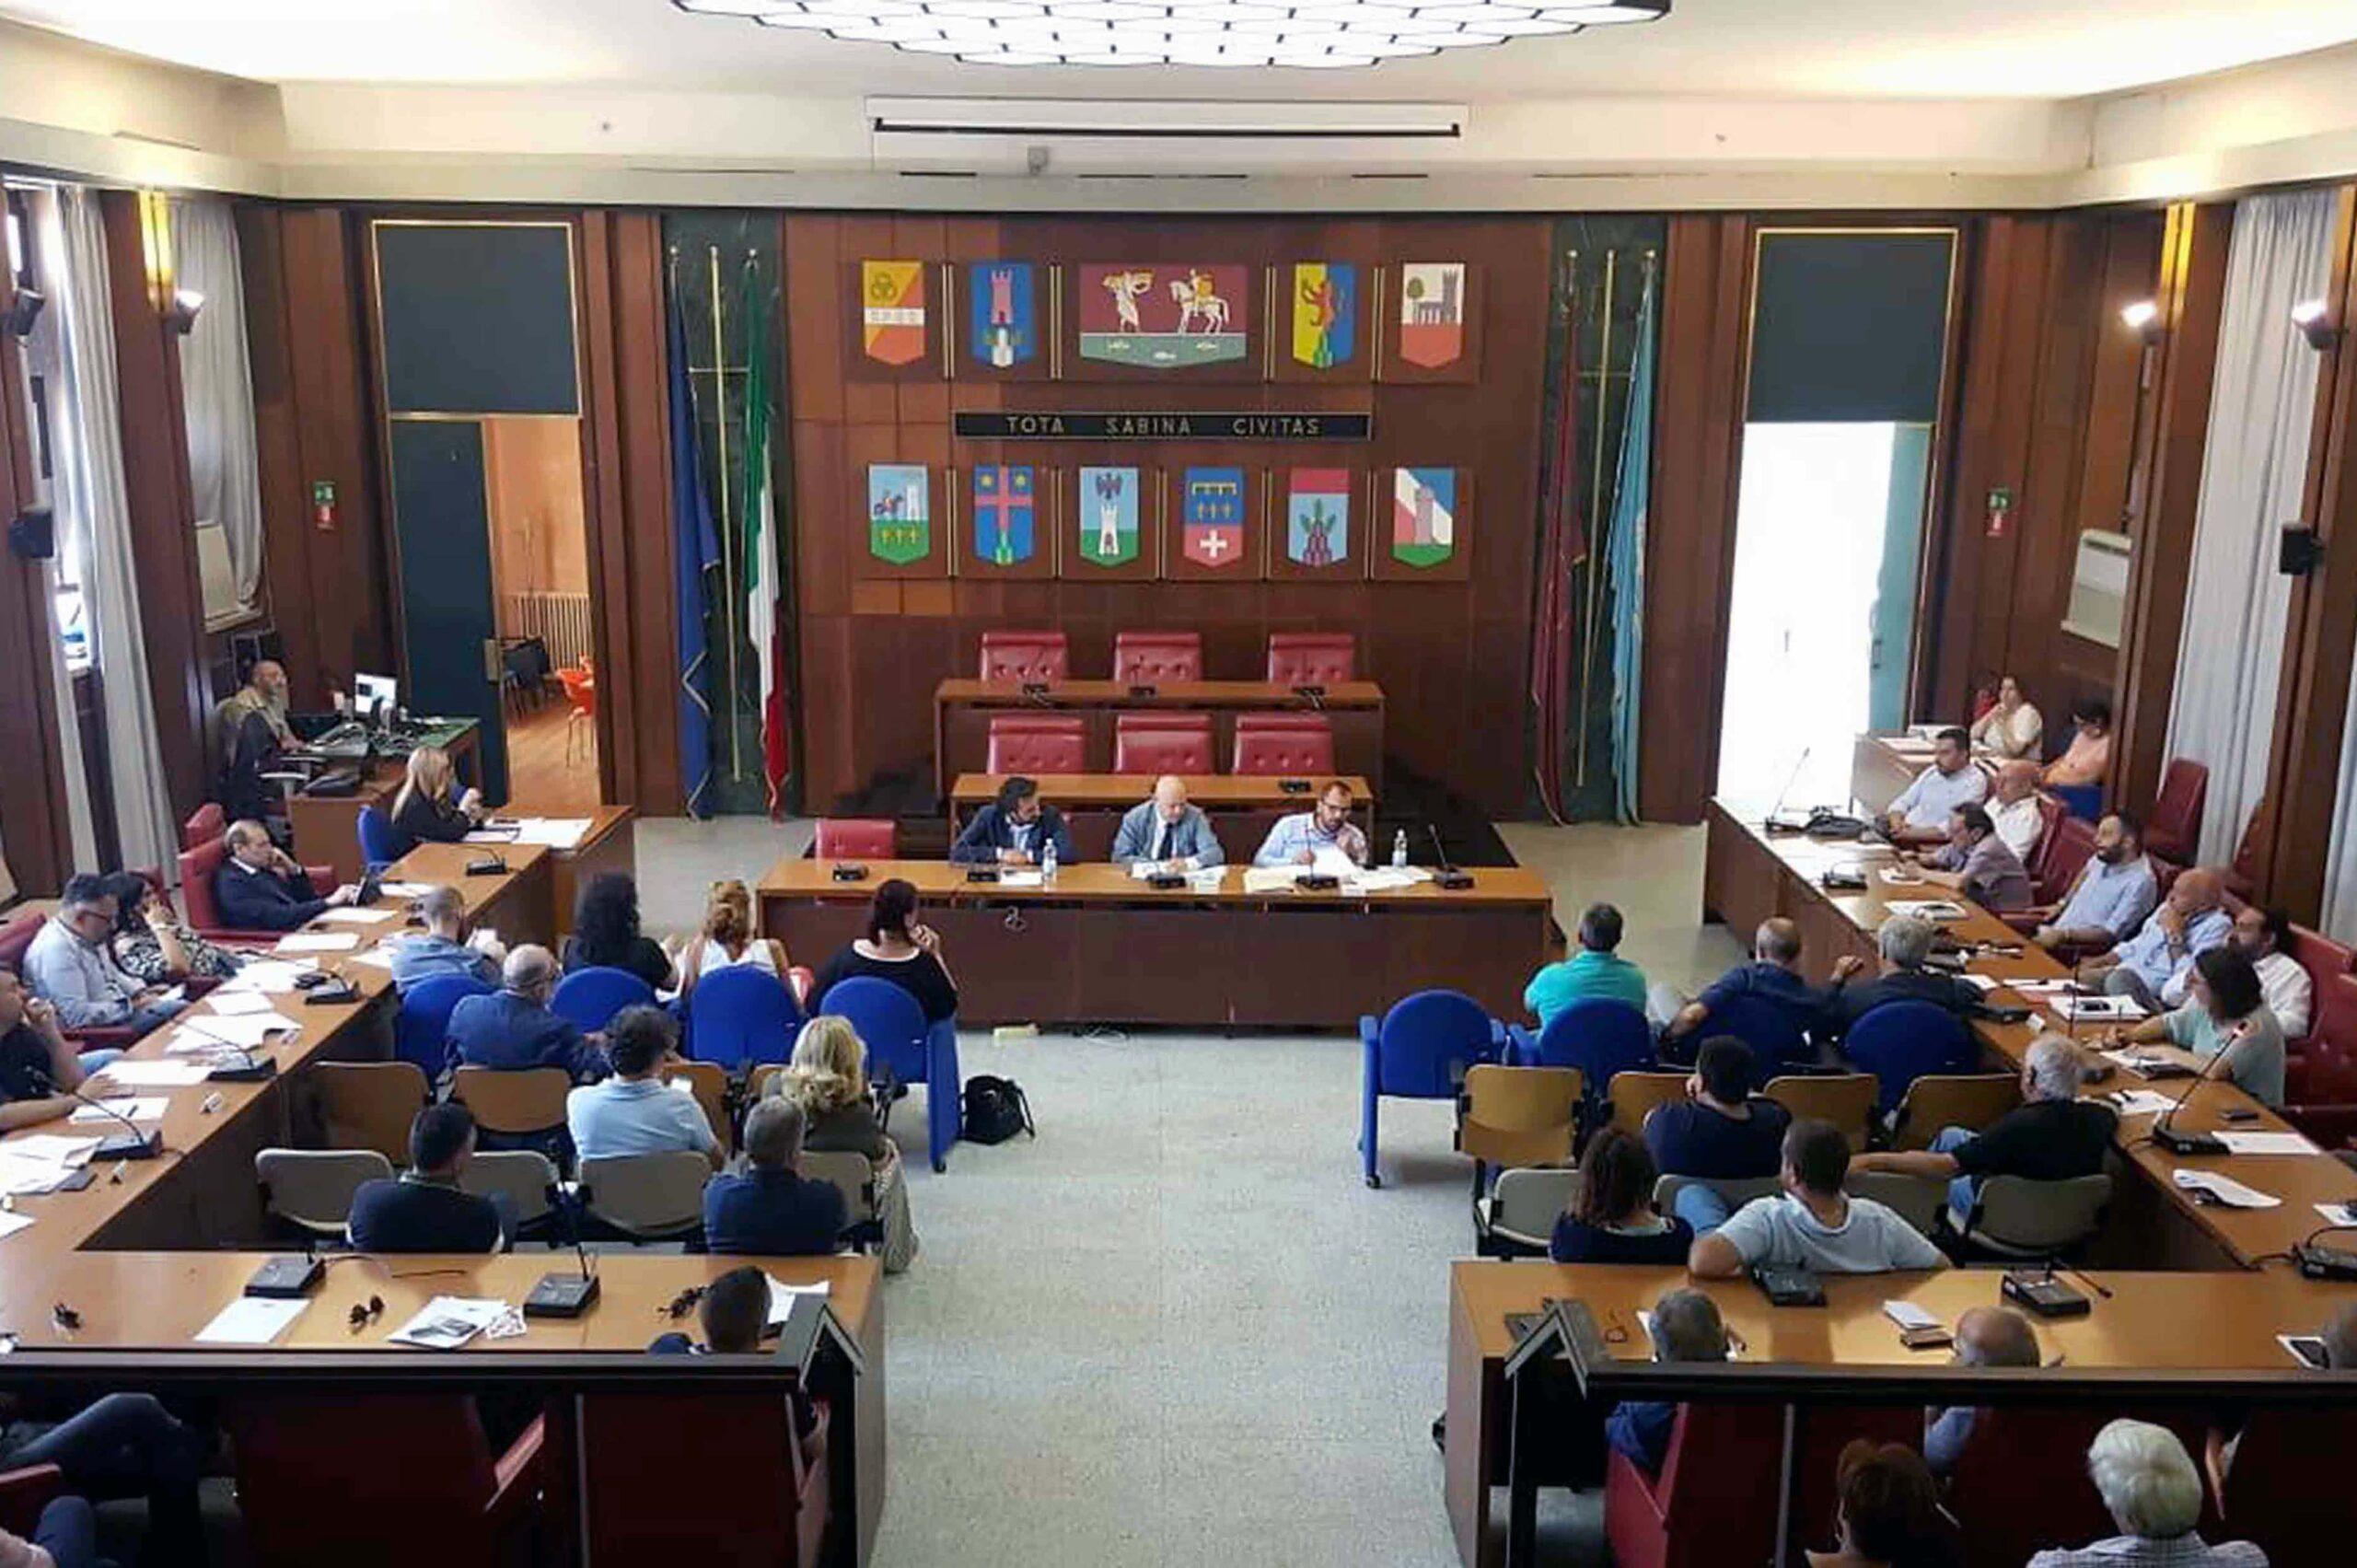 Rieti, approvato il bilancio provinciale 2021: stanziati 4,6 milioni in più rispetto al 2018